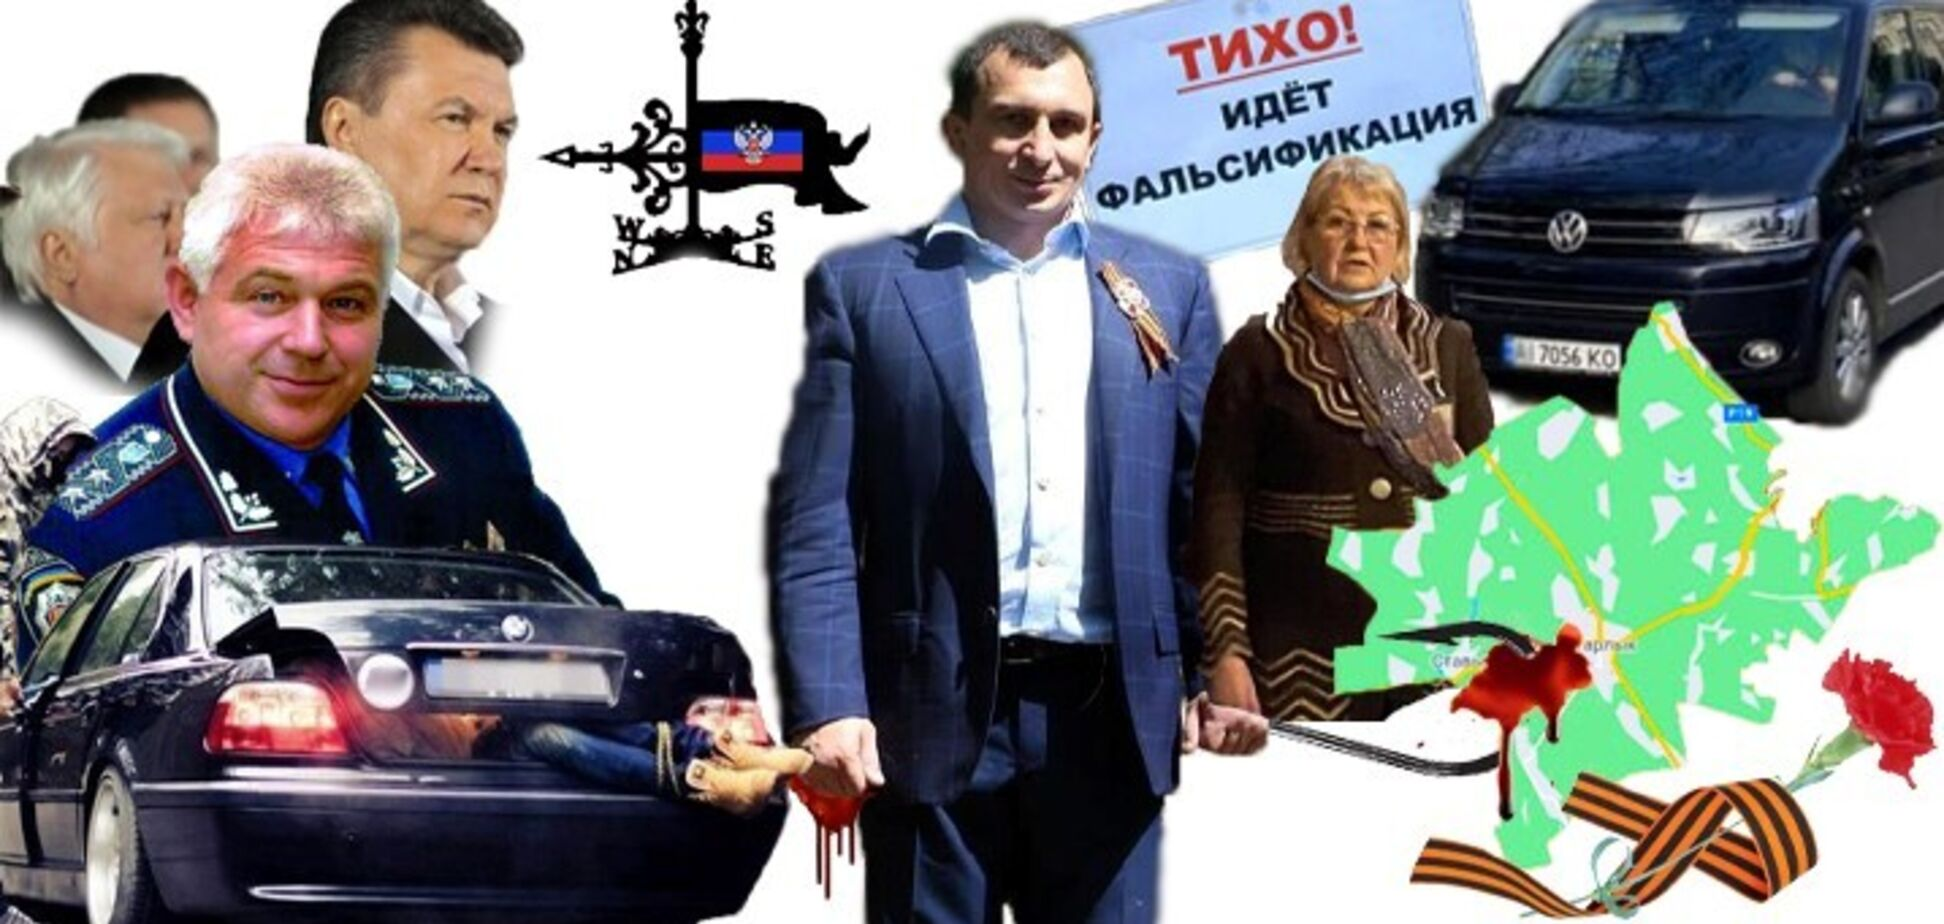 Ексрегіонал Цікаленко: 'тітушковод', 'авторитет', друг 'народних республік'?